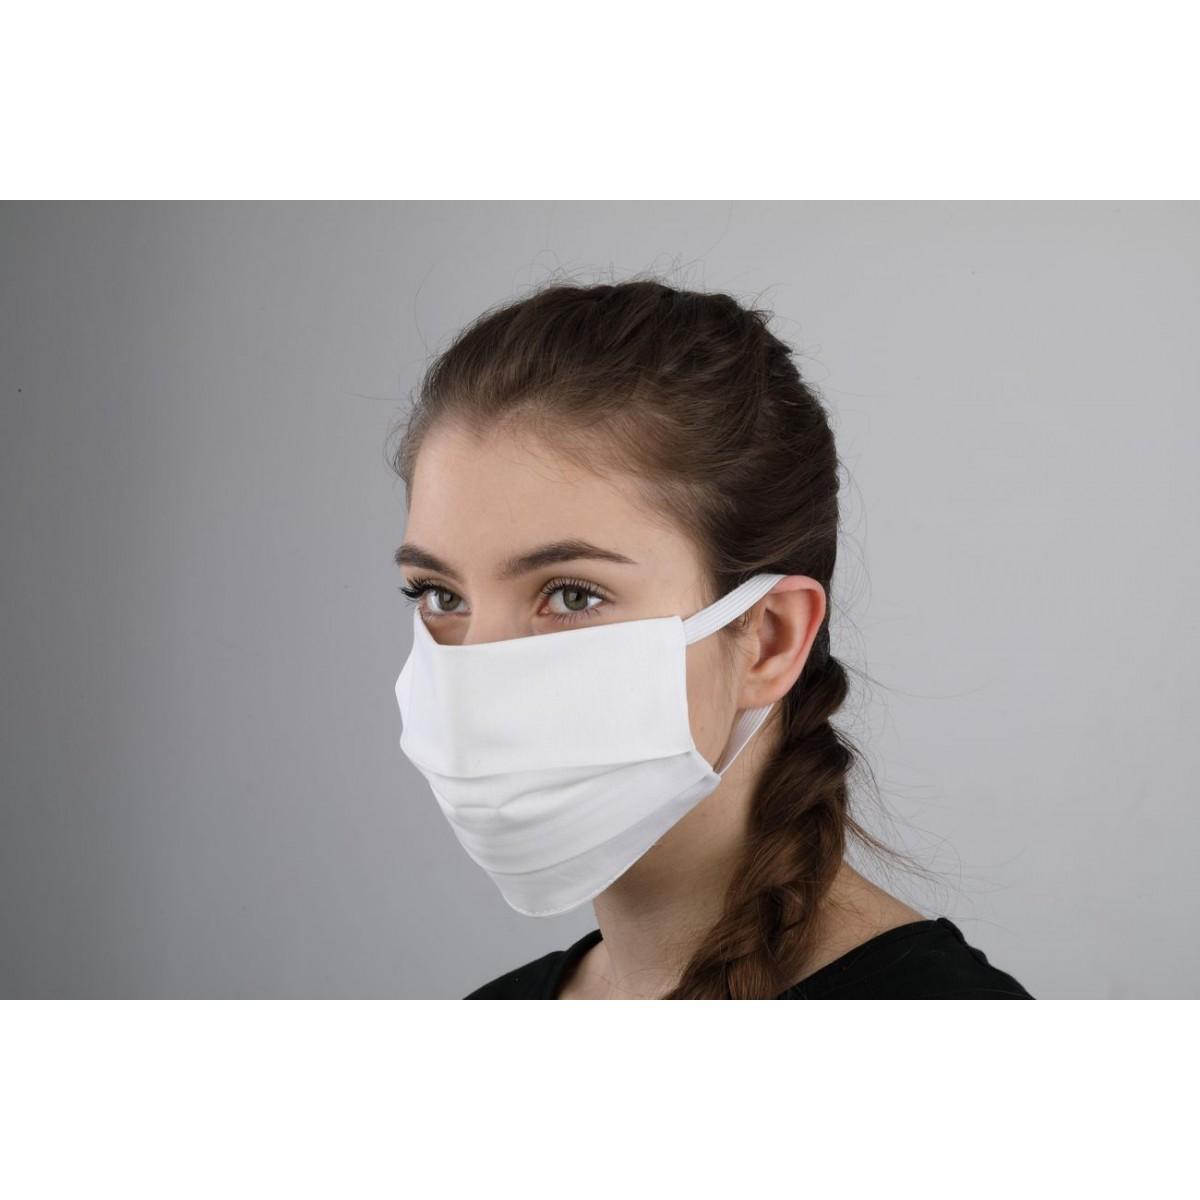 Maseczki wielorazowe op.5 szt antywirusowe